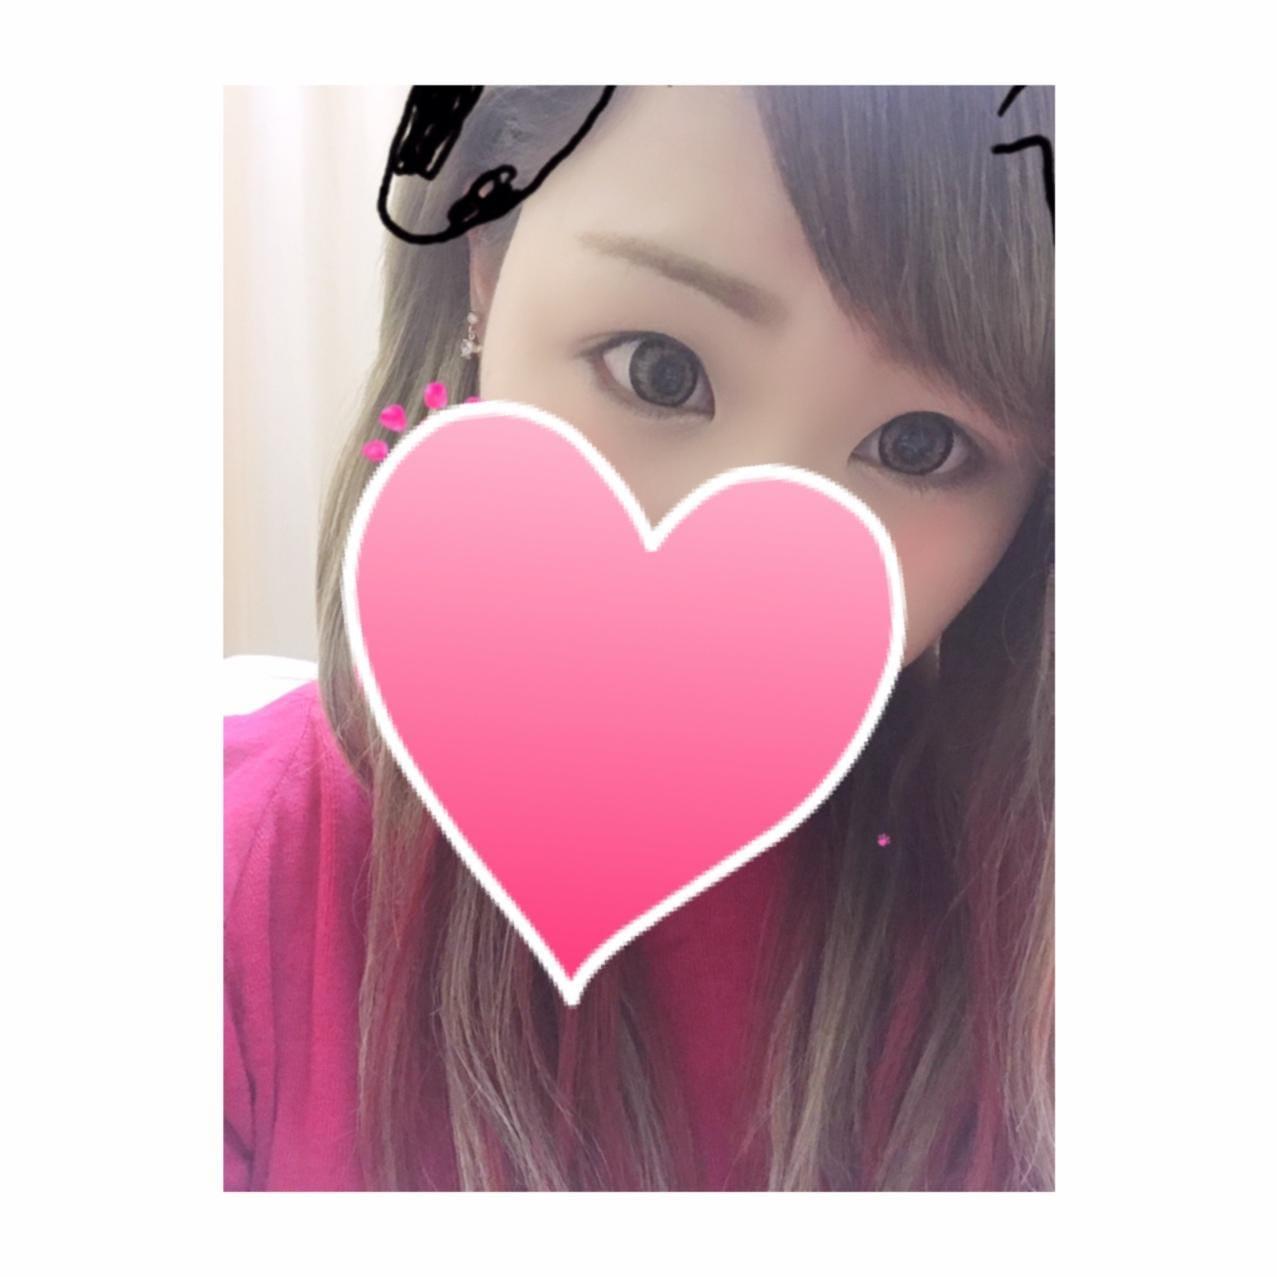 「*お礼です」12/12(12/12) 01:15   なつきの写メ・風俗動画